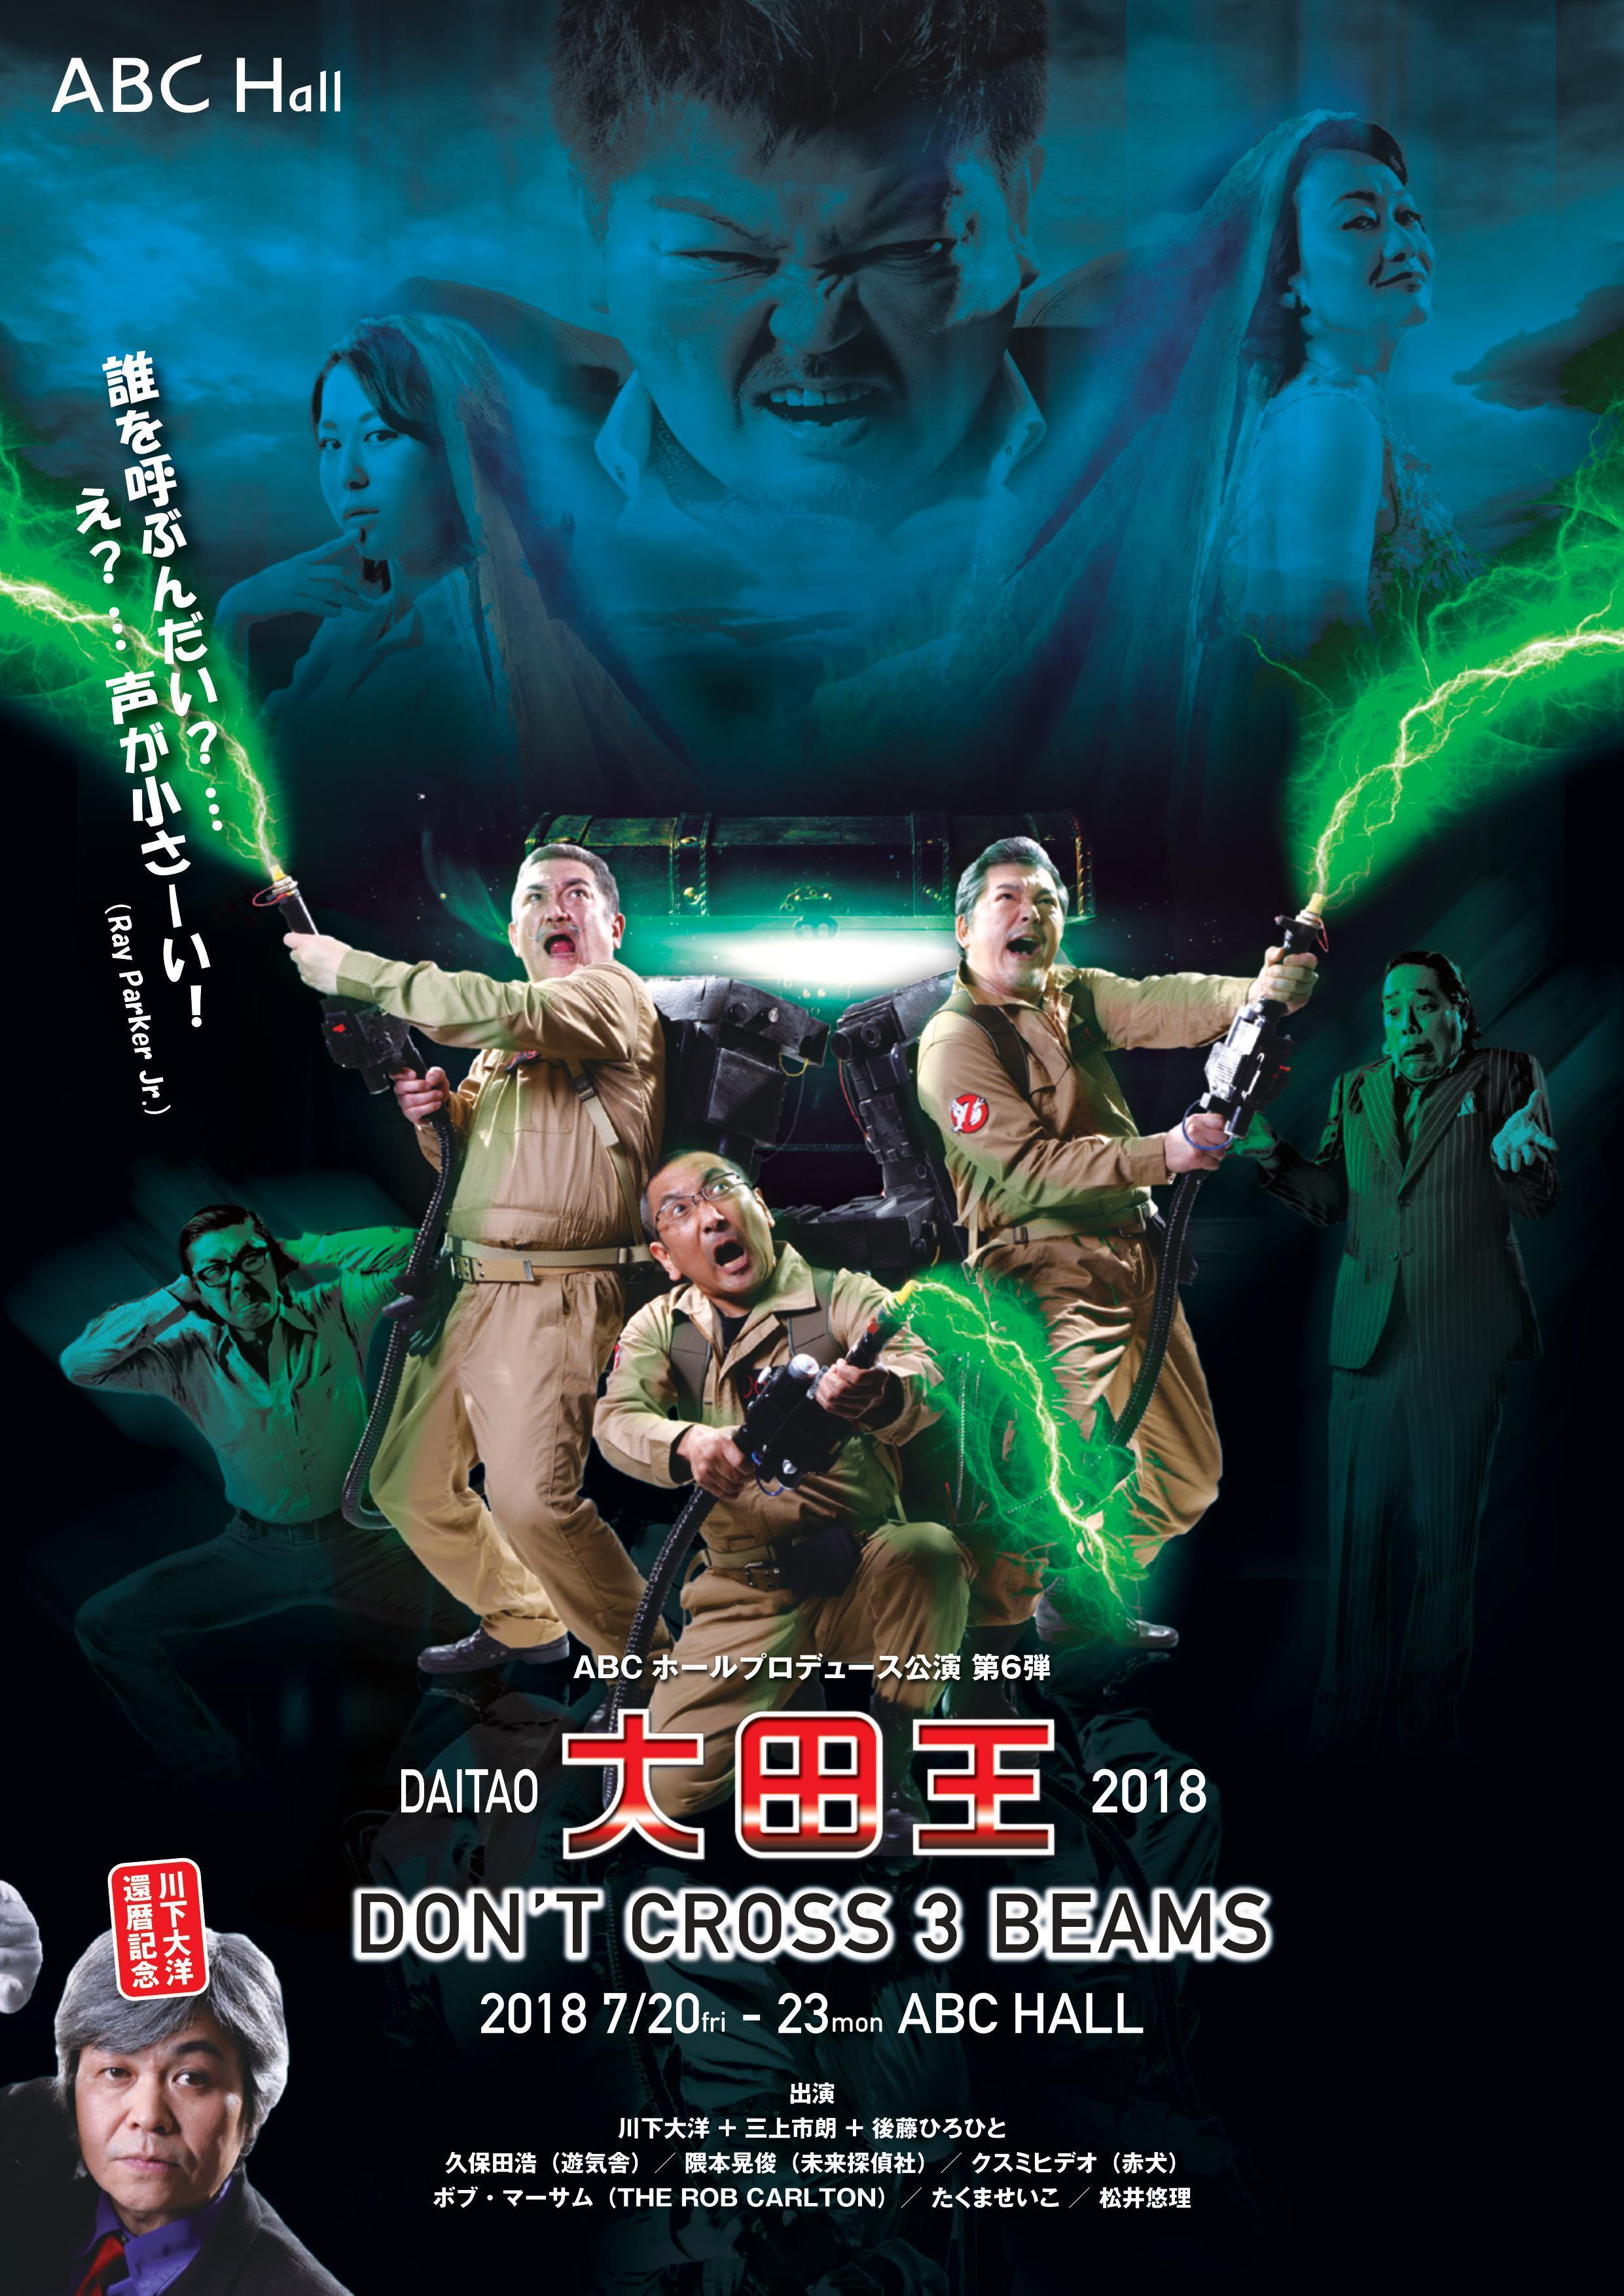 2018年7月上演の大田王2018『DON'T CROSS 3 BEAMS』公演チラシ